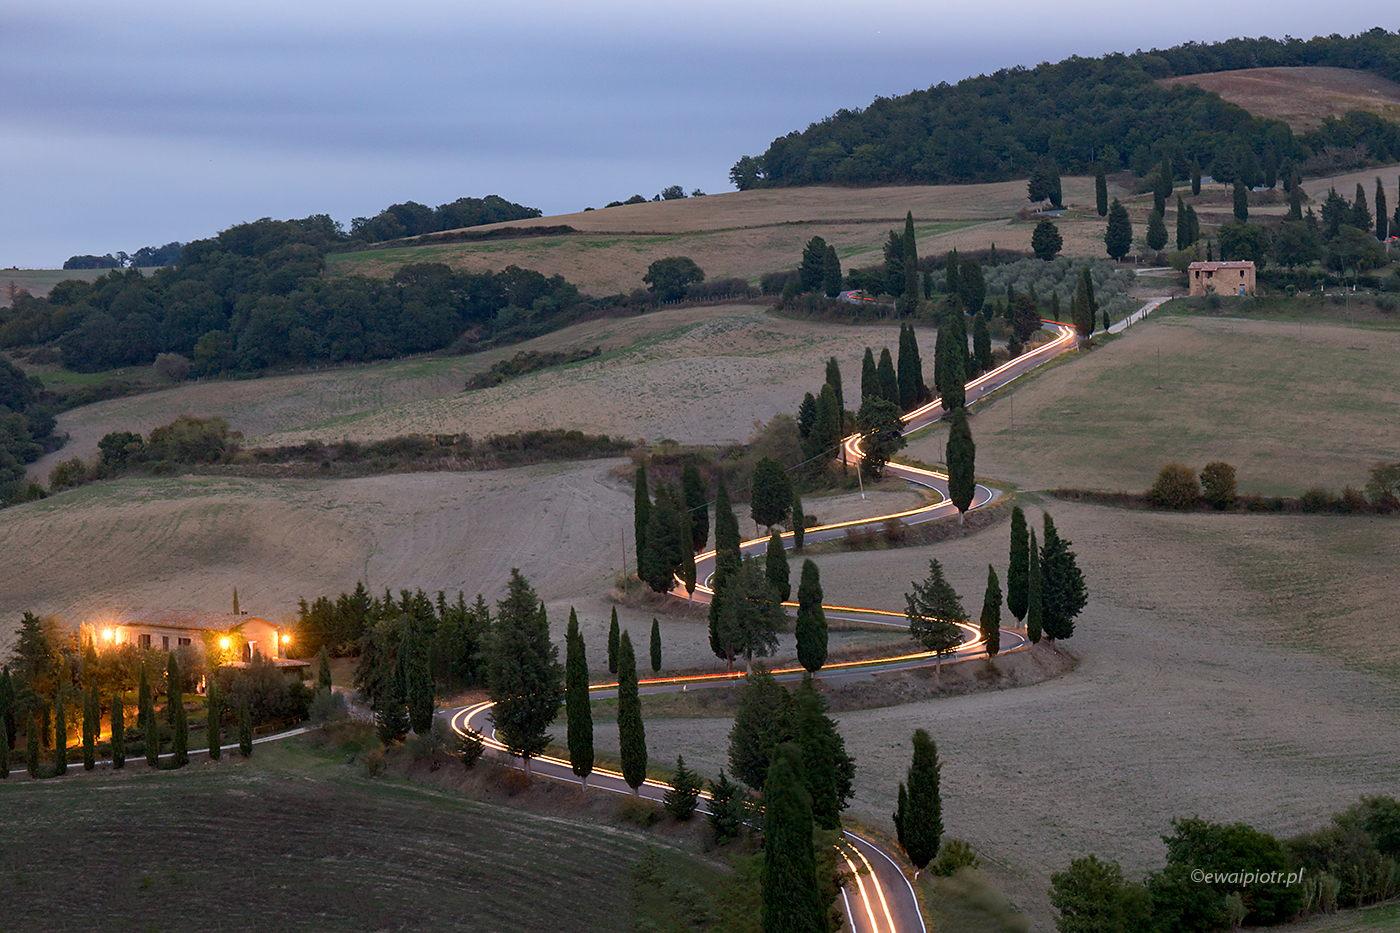 Zygzak wśród cyprysów po zmierzchu, Toskania, długa ekspozycja, jak fotografować smugi świateł samochodów